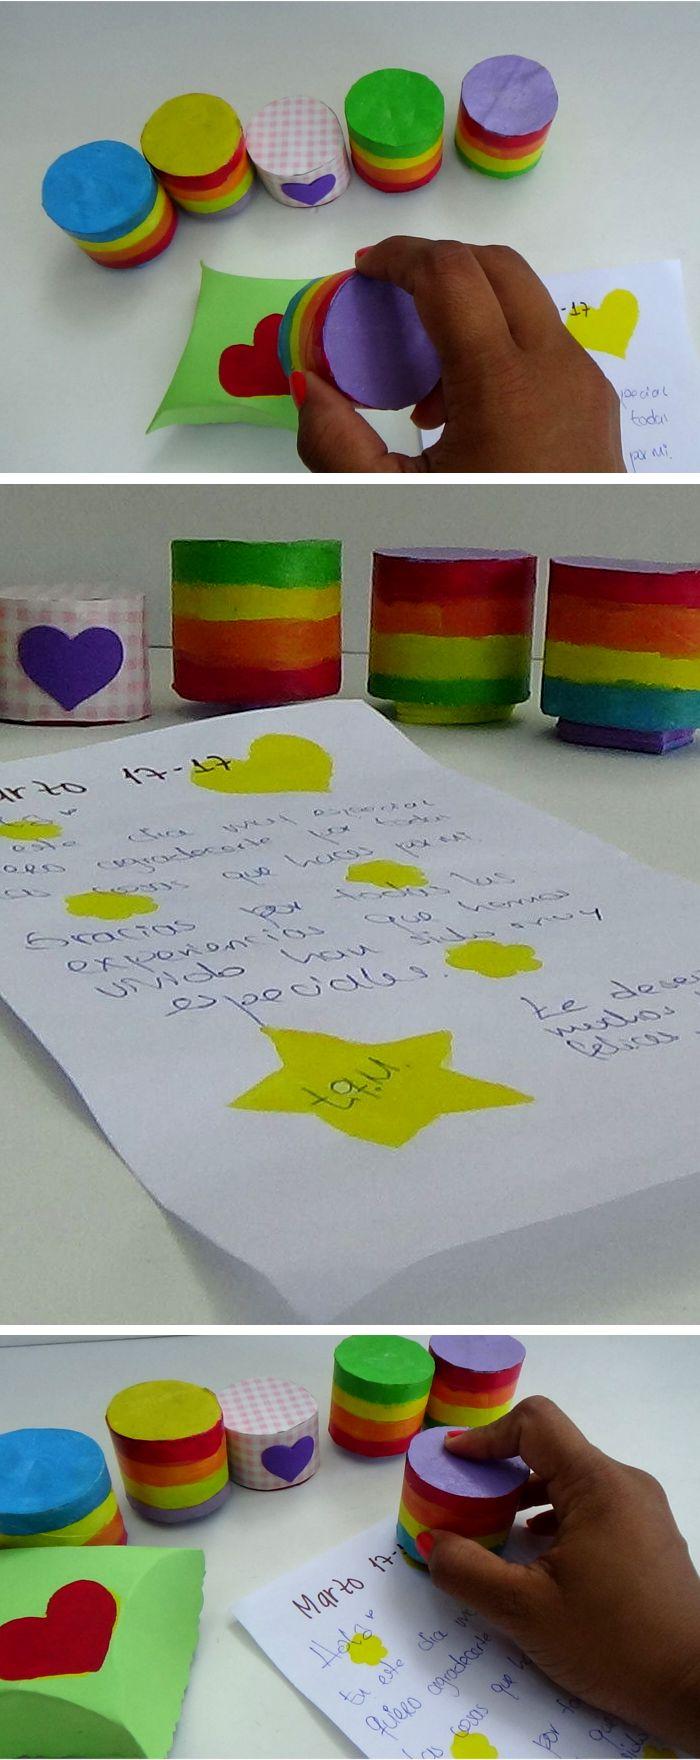 Te enseño a hacer sellos con tubos de papel higiénico para decorar y personalizar cartas, tarjetas, cajas de regalo, entre otros. Son muy lindos, rápidos y económicos para hacer.